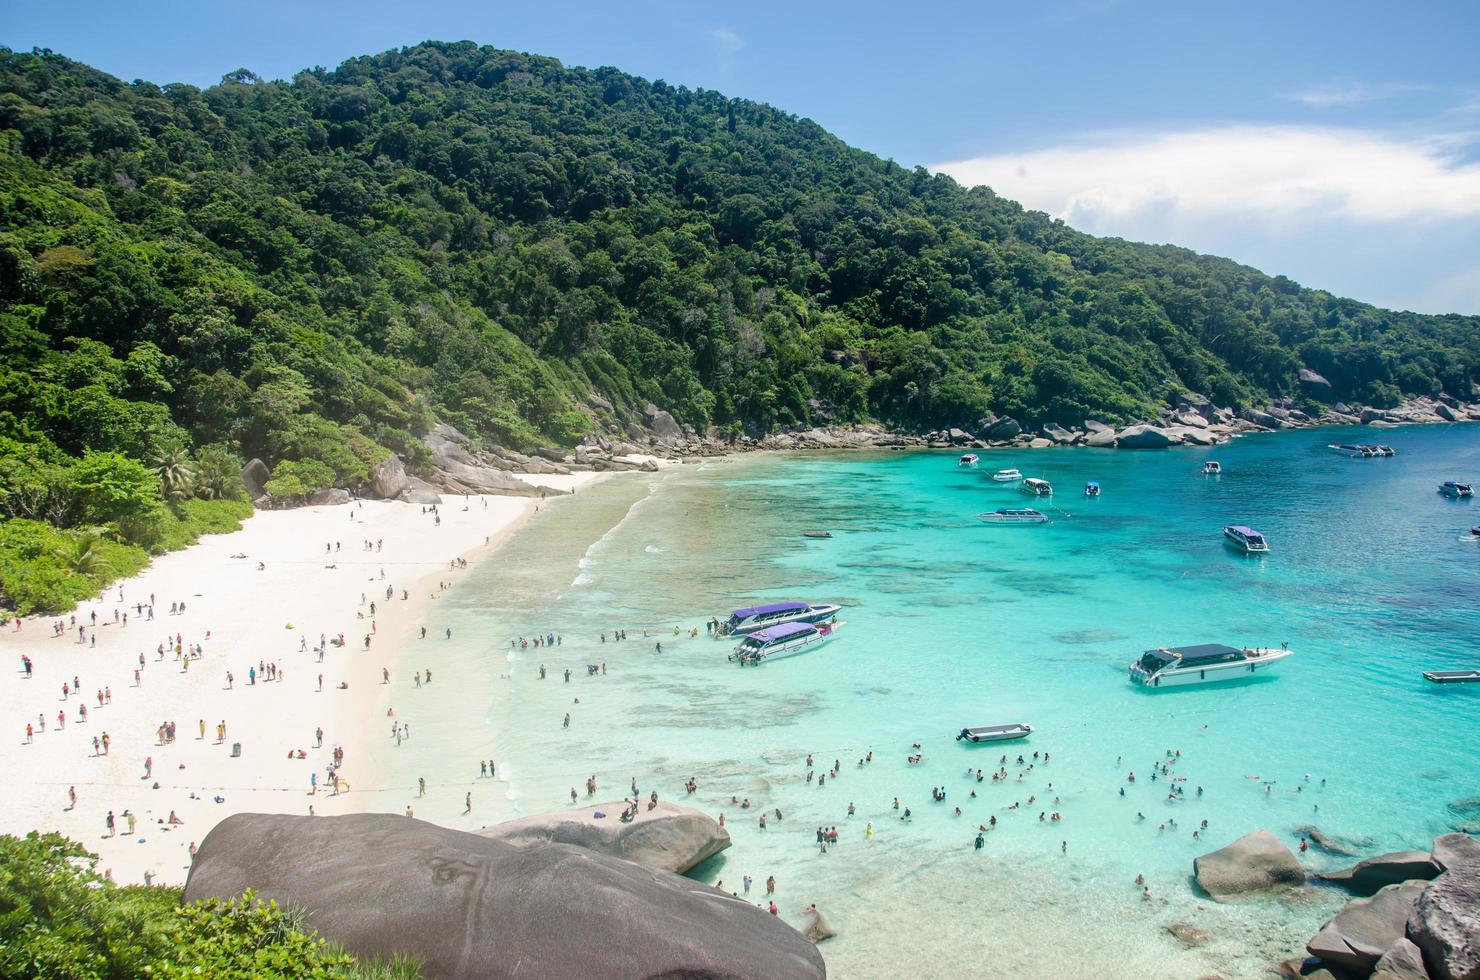 similan-eilanden, thailand, 2020 - mensen die genieten van een dag op het strand foto